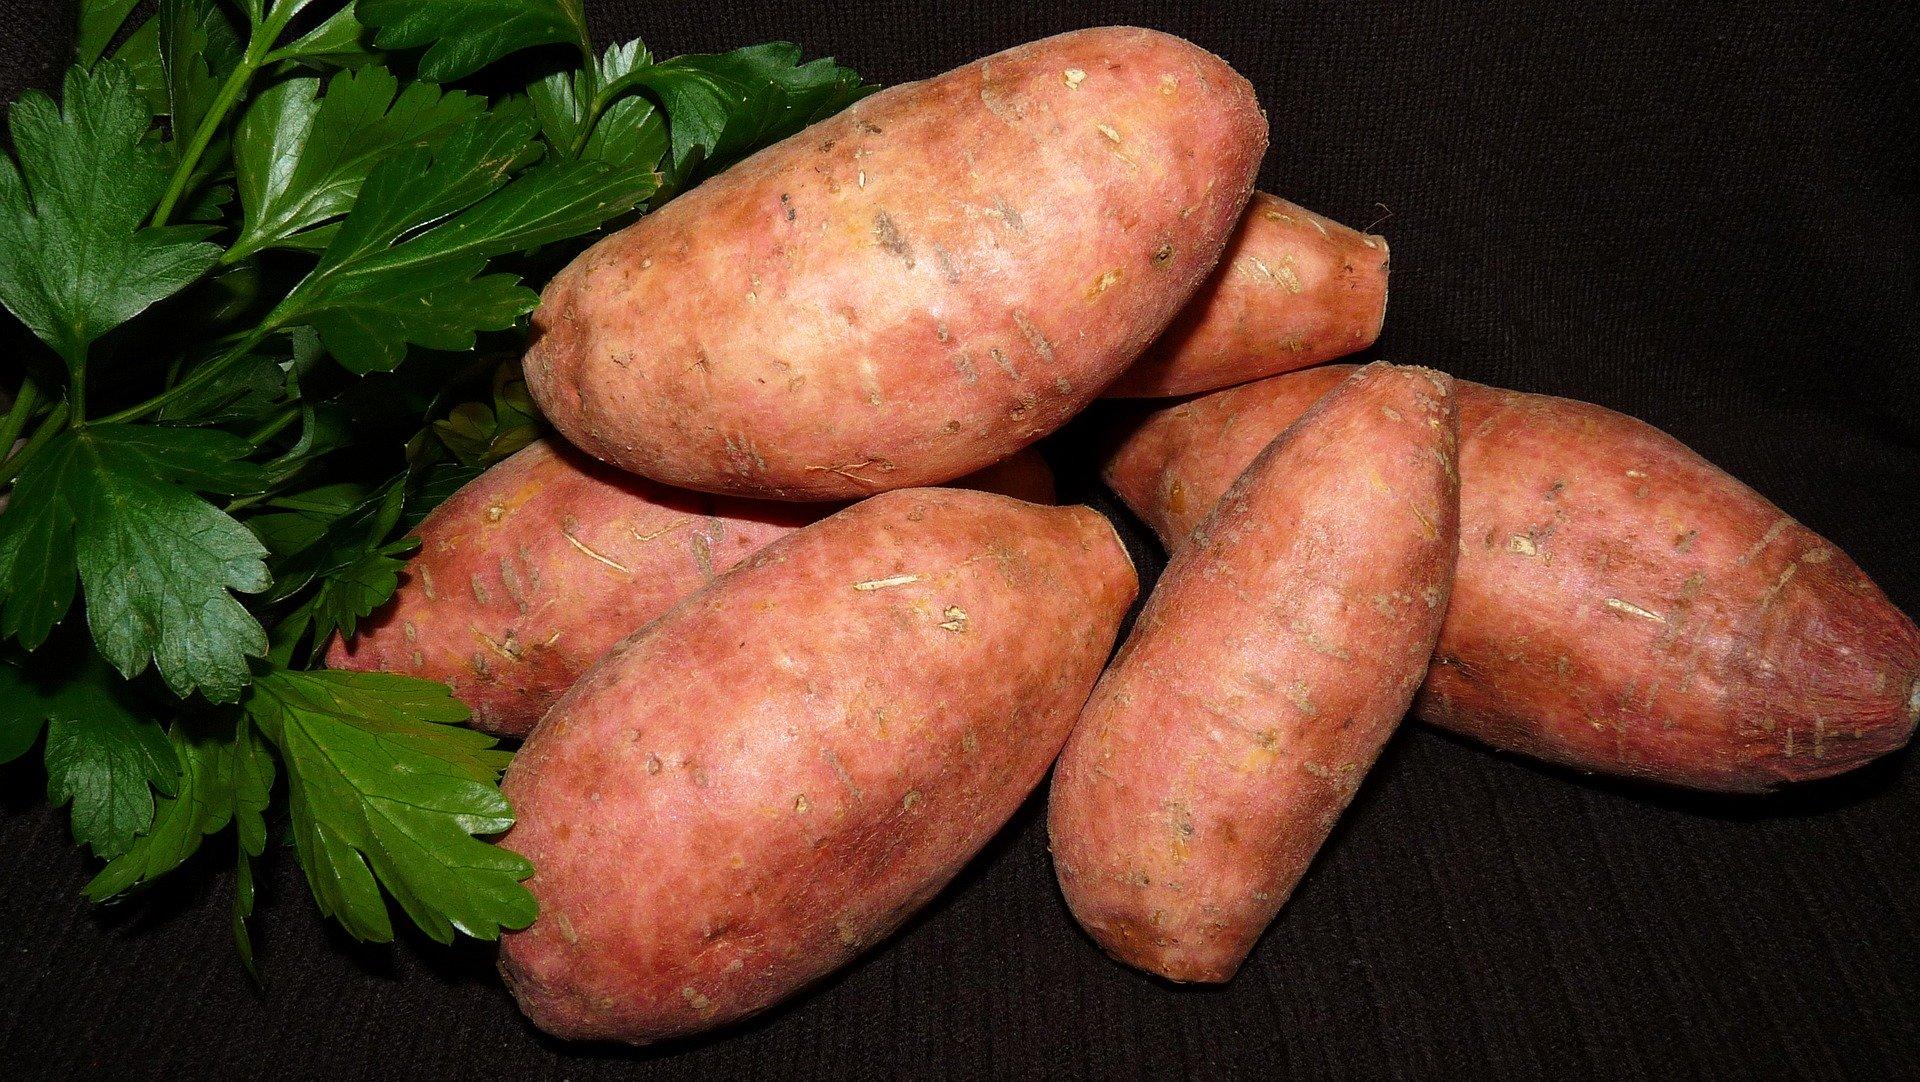 Ingredient of the Week: Sweet Potato